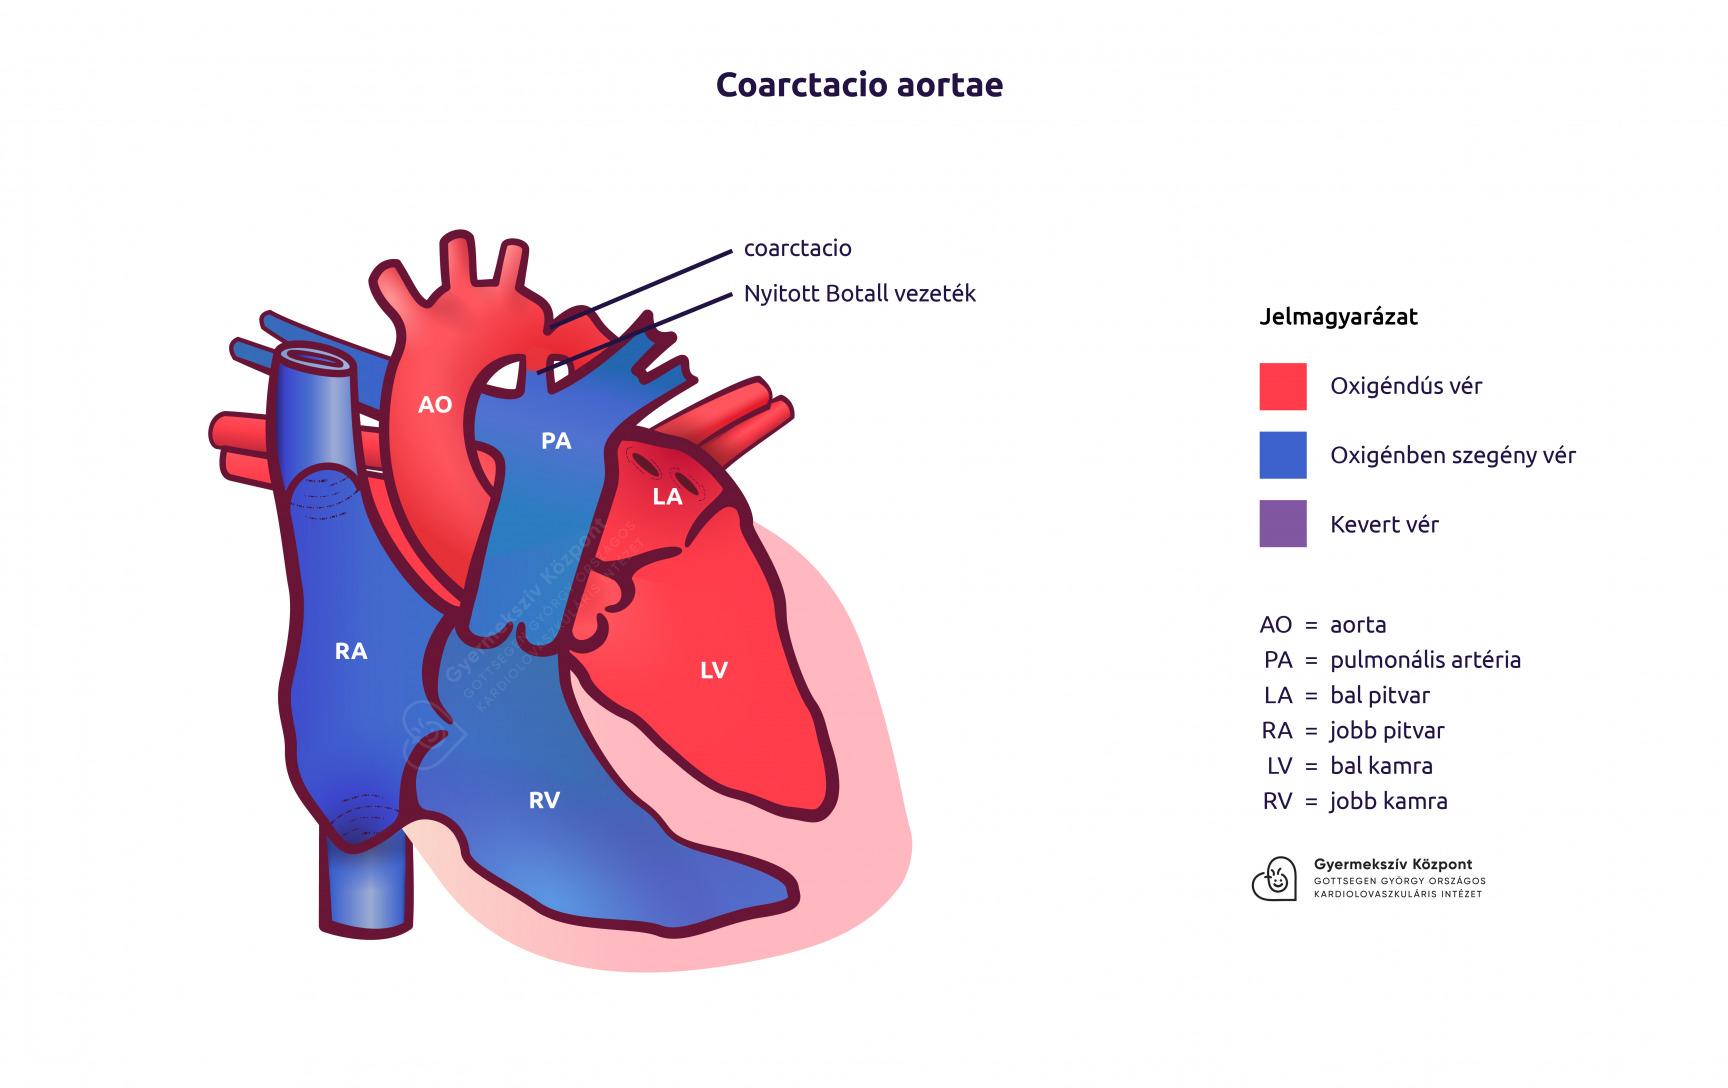 magas vérnyomás az artéria szűkülete)